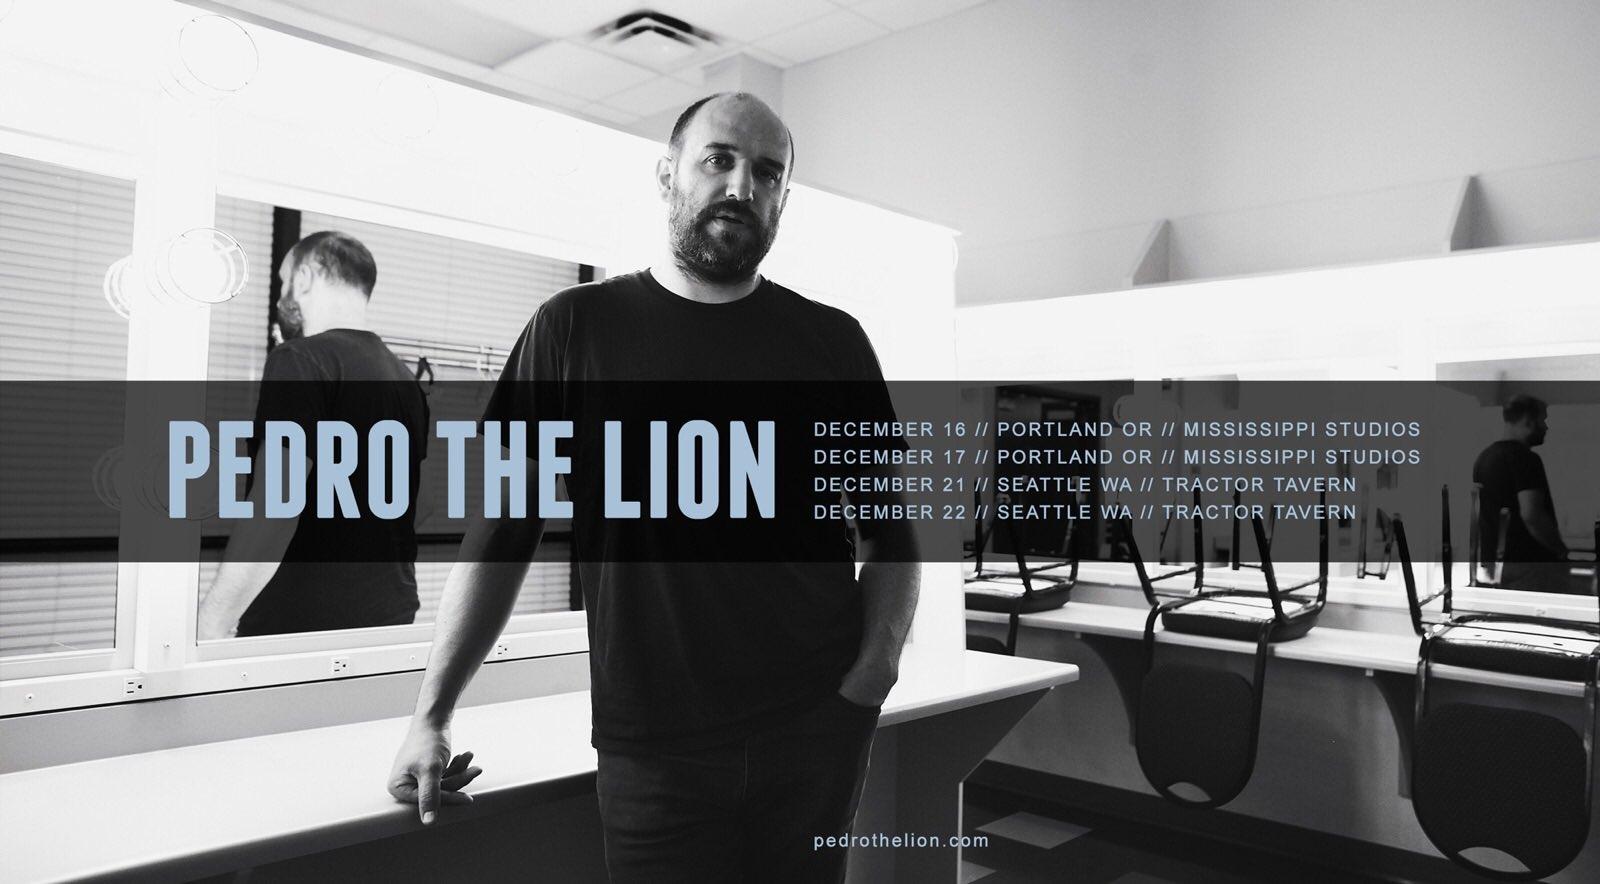 Pedro the Lion reunion tour